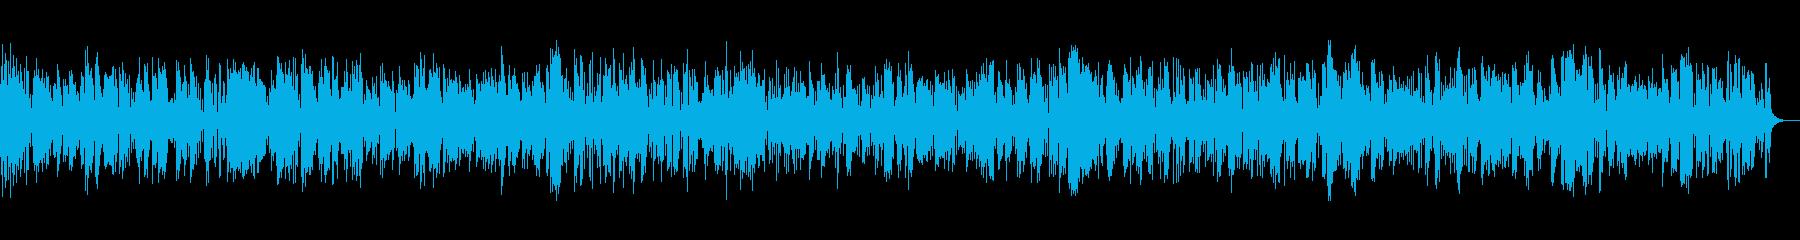 古き良きクラリネットおしゃれジャズバンドの再生済みの波形